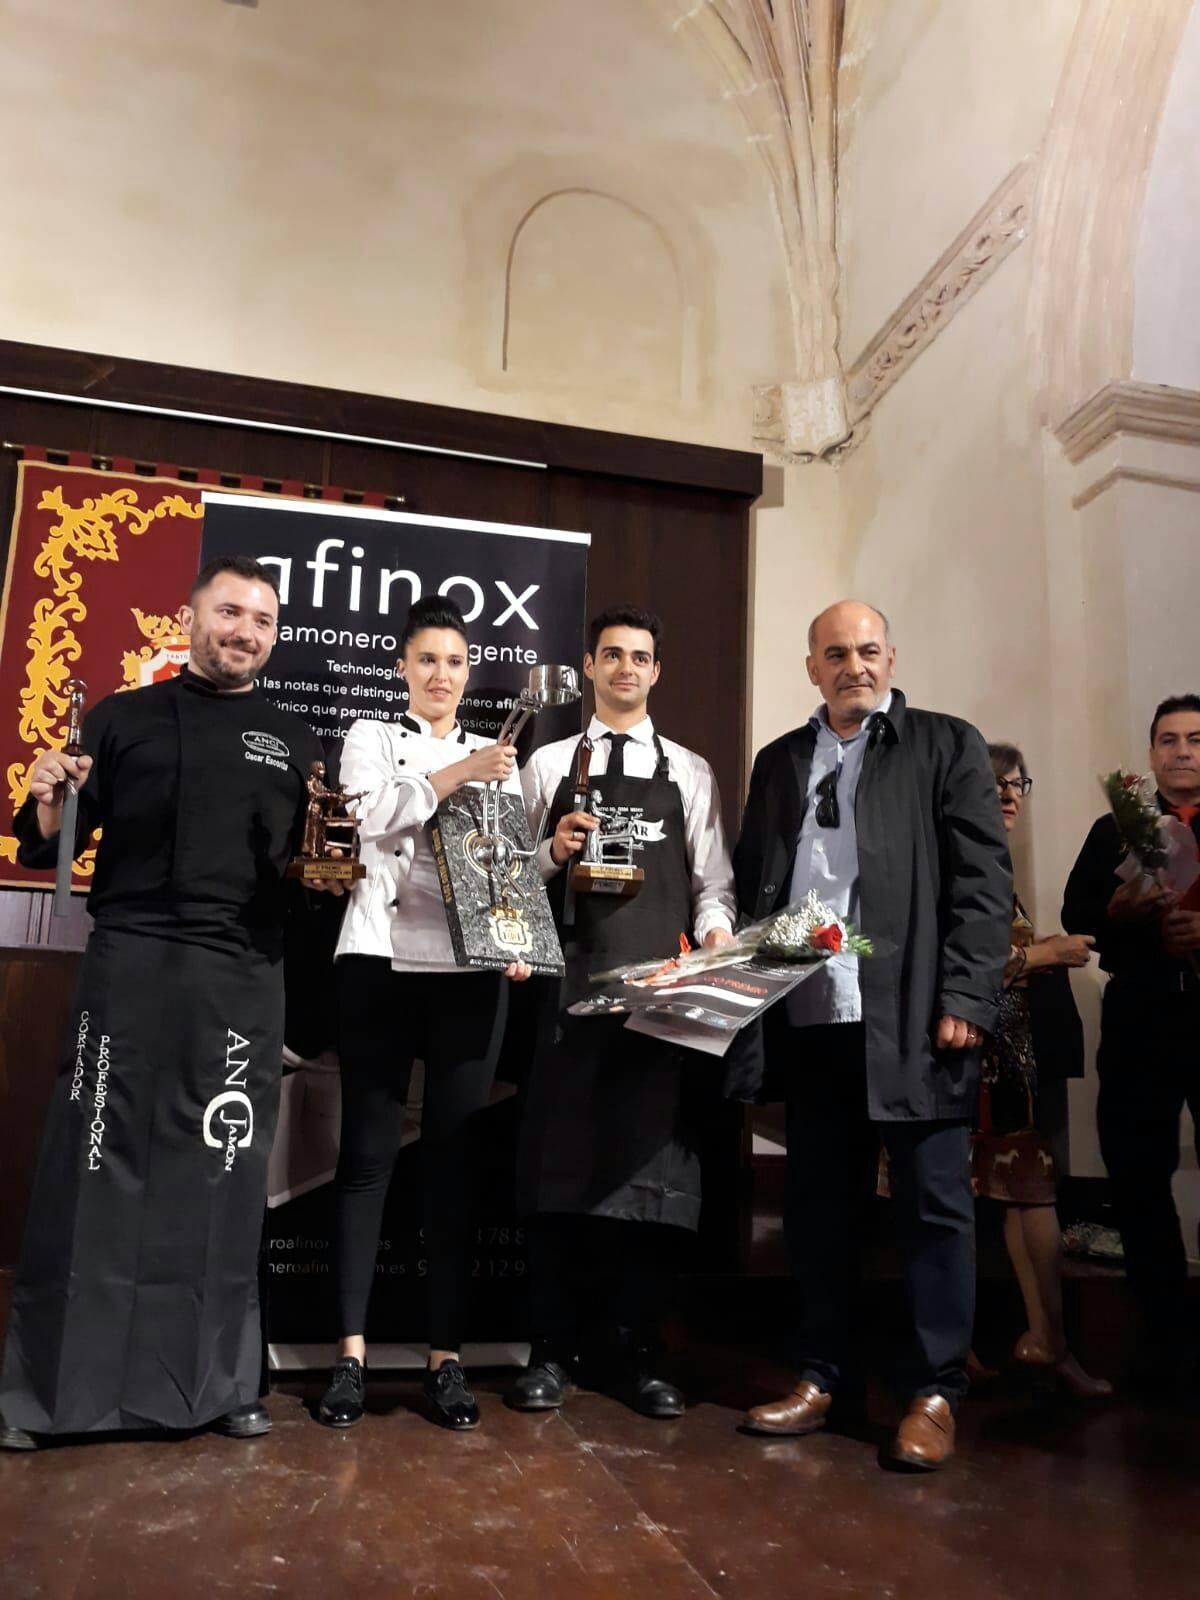 XVI edición del Concurso Nacional de Cortadores de Jamón de Ronda